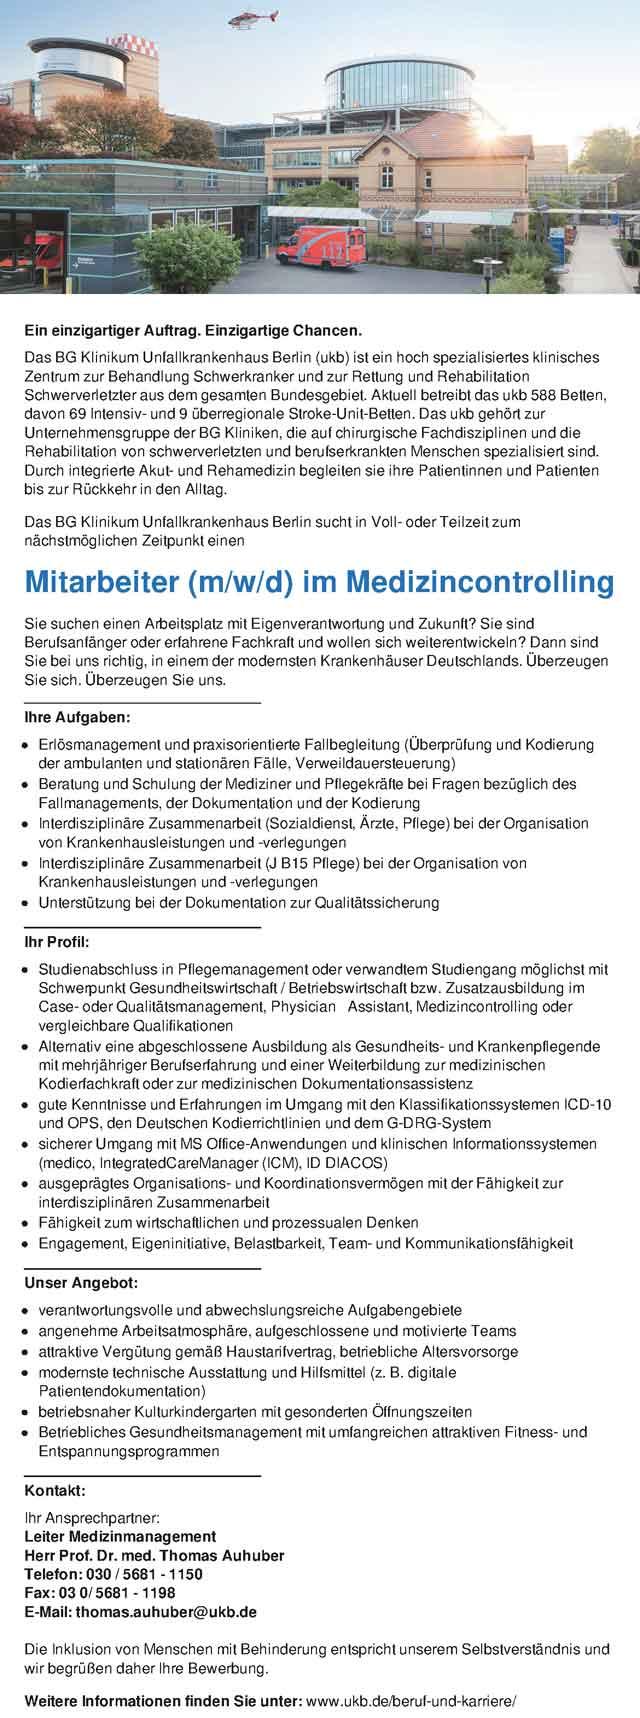 Klinikum Freising: Mitarbeiter Medizincontrolling (m/w/d)